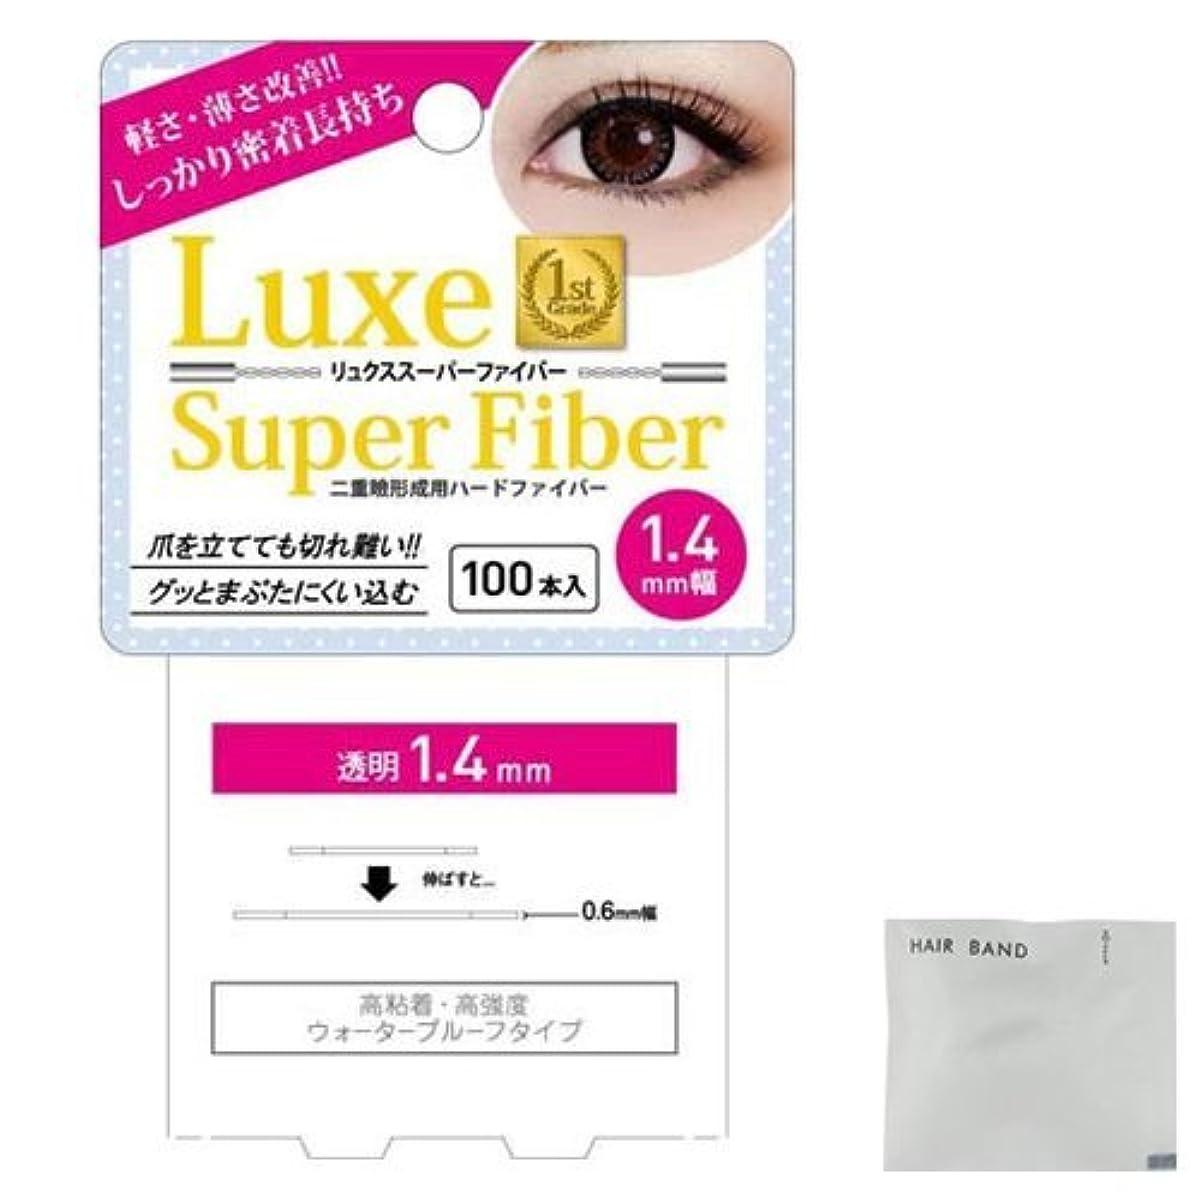 リンス作ります探偵Luxe スーパーファイバーⅡ (Super Fiber) クリア1.4mm + ヘアゴム(カラーはおまかせ)セット